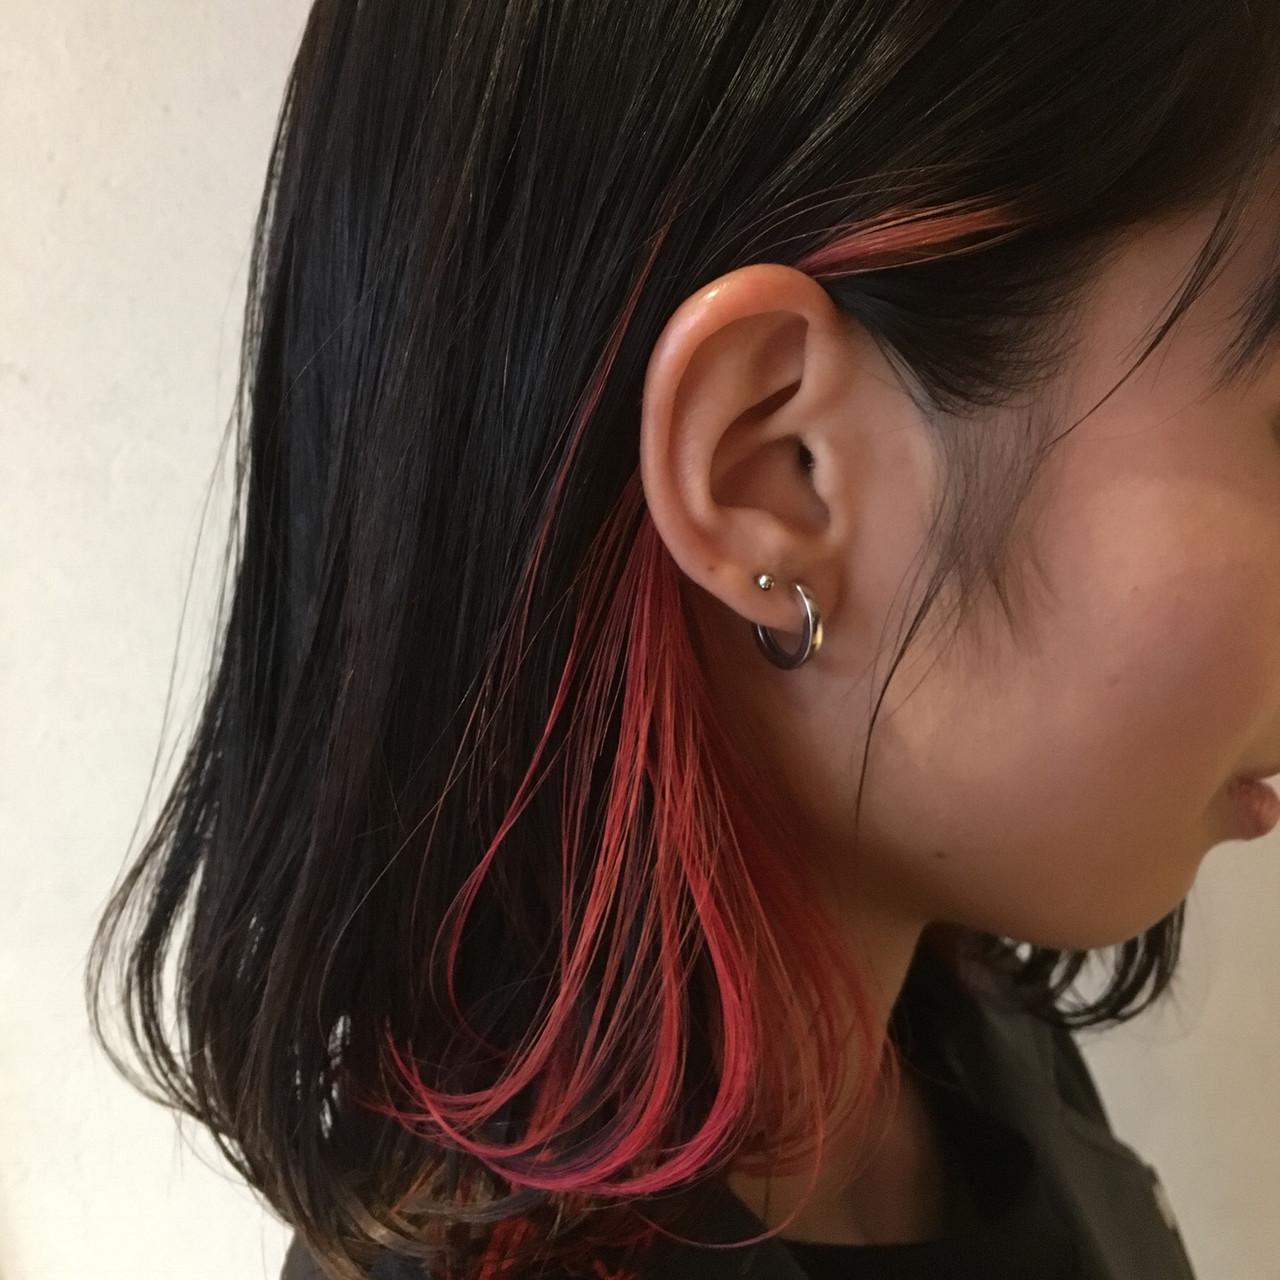 ベリーピンク インナーカラー赤 ガーリー ボブ ヘアスタイルや髪型の写真・画像